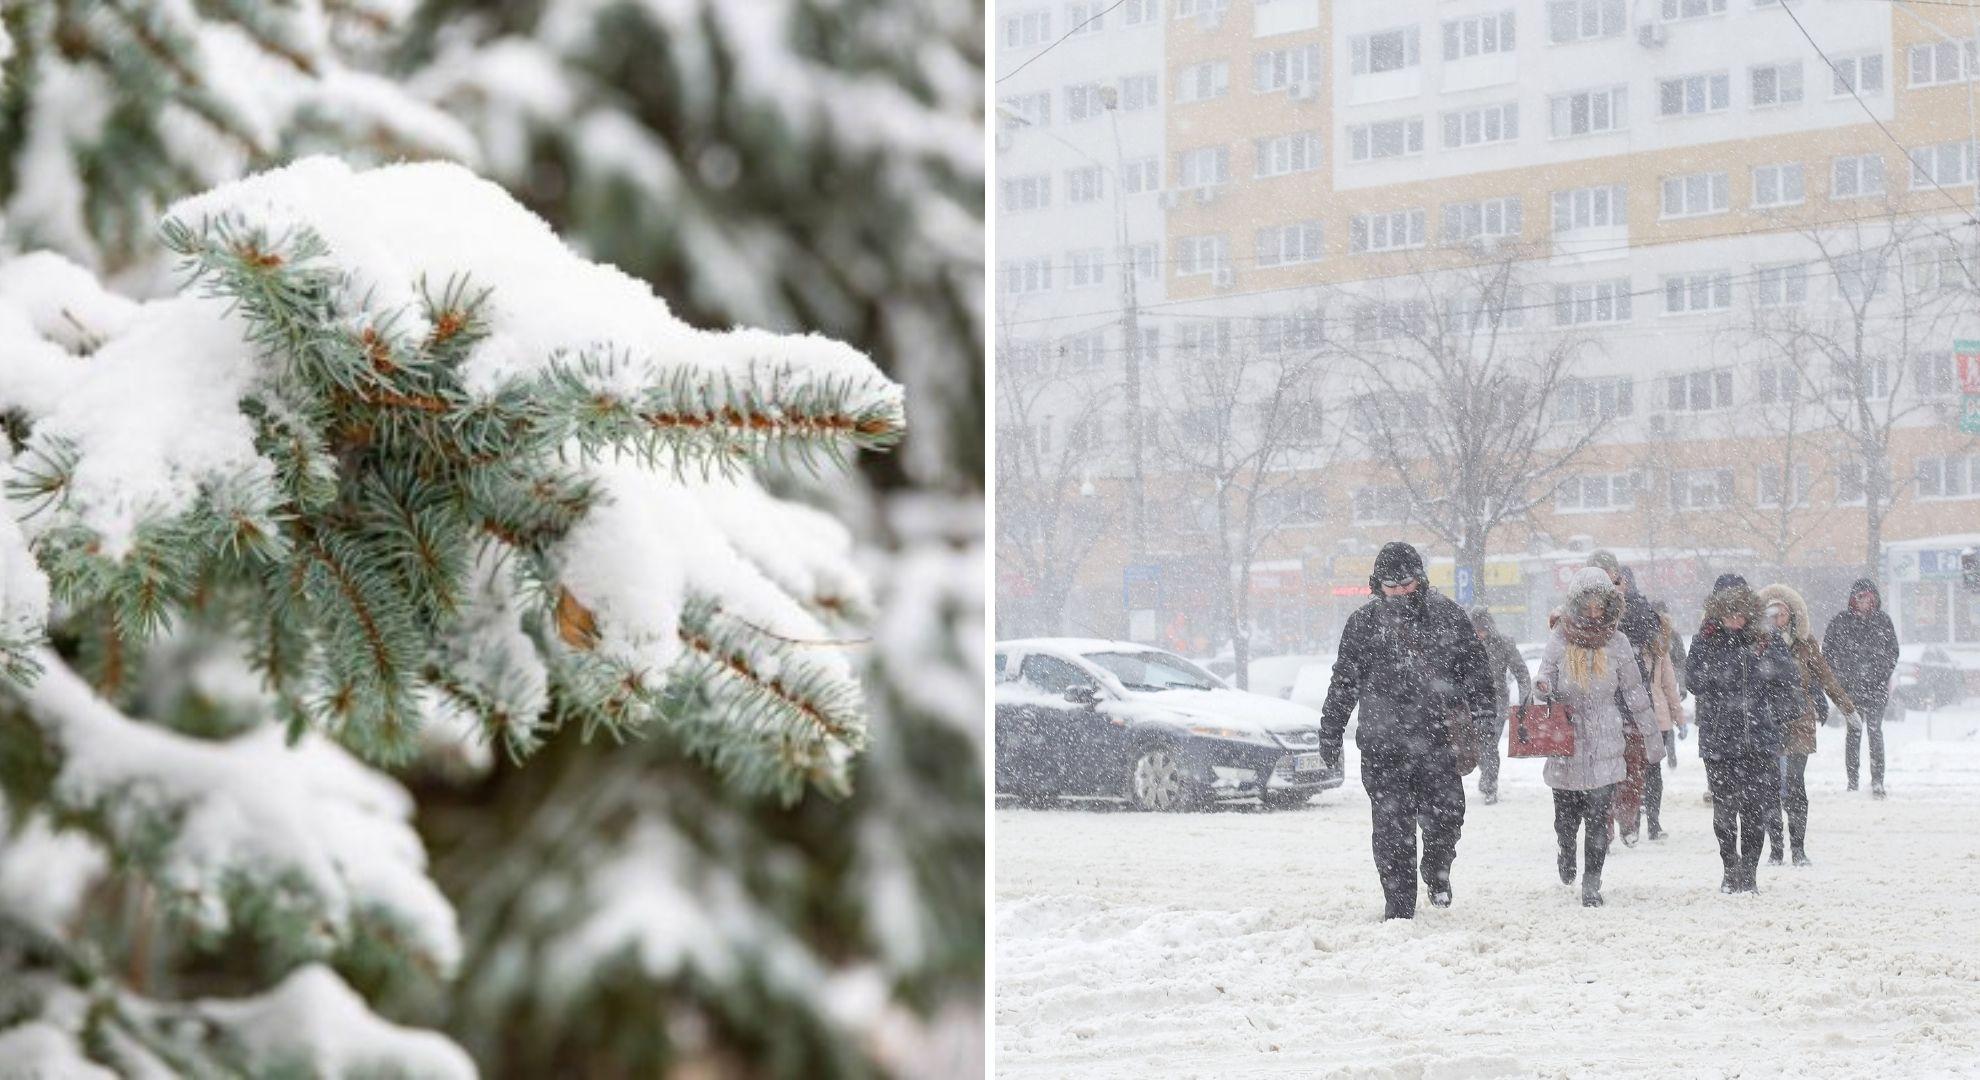 Prognoza meteo 30 noiembrie 2020. Meteorologii anunță prima ninsoare în Capitală